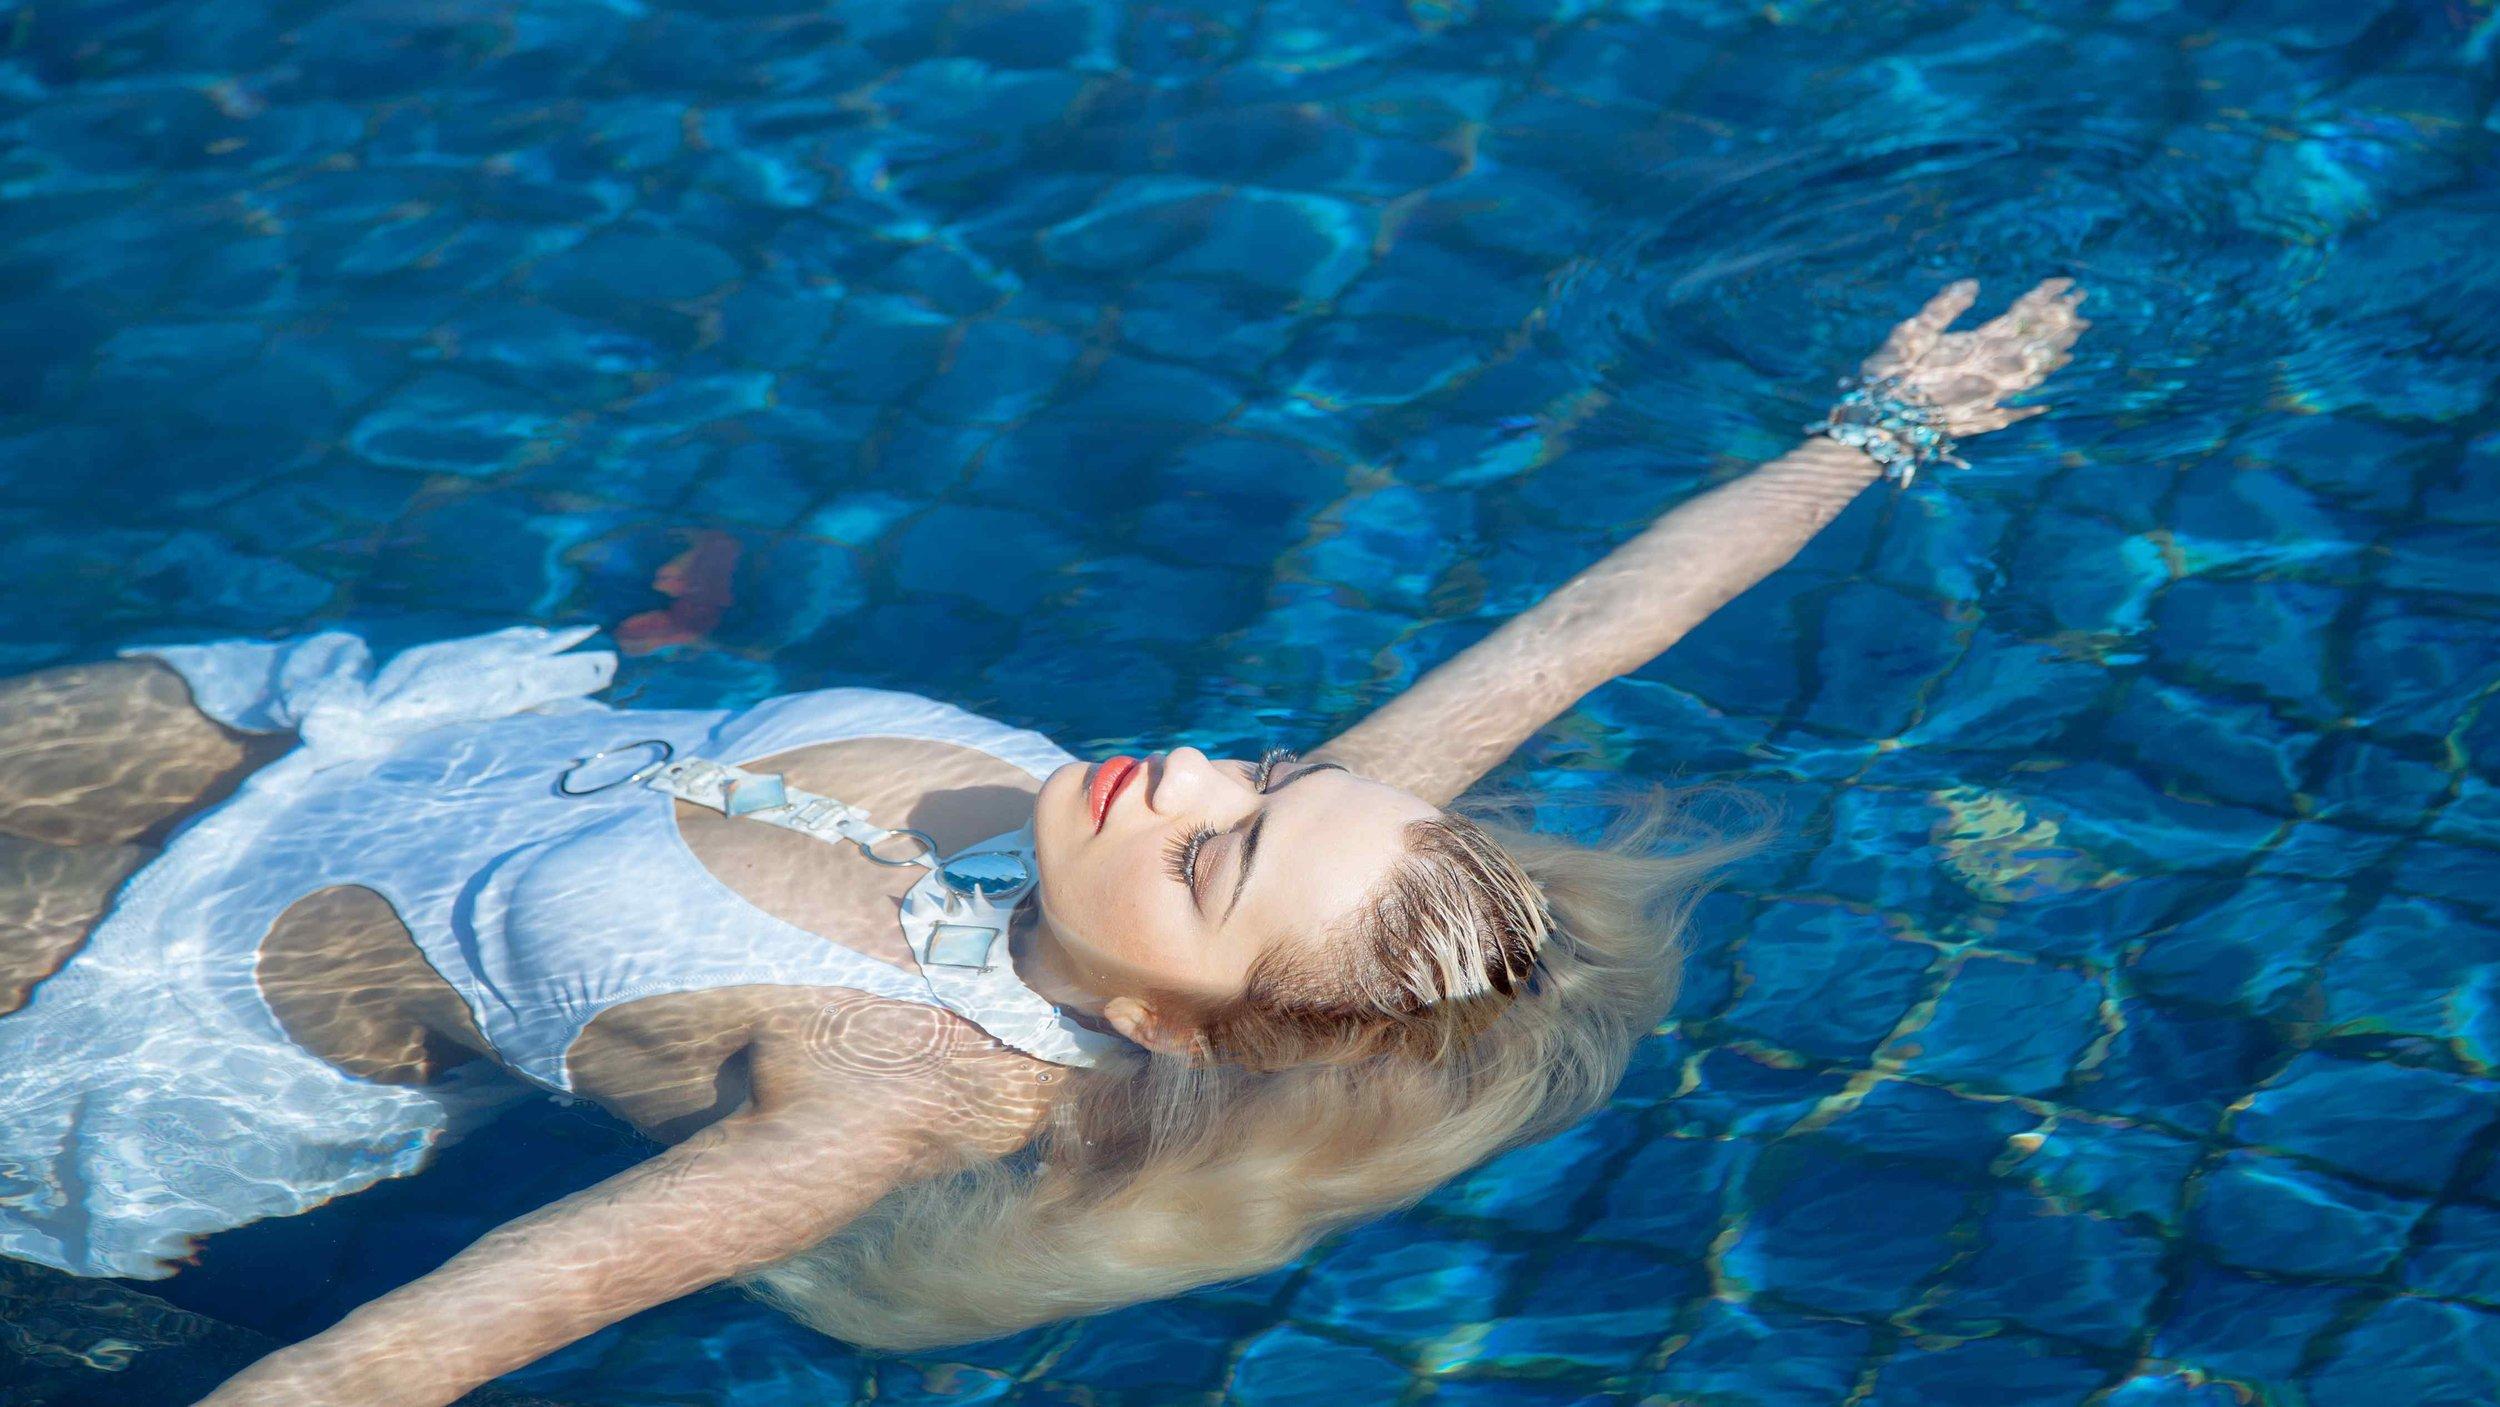 Rita Ora enjoying the pool at Sri Panwa, Phuket